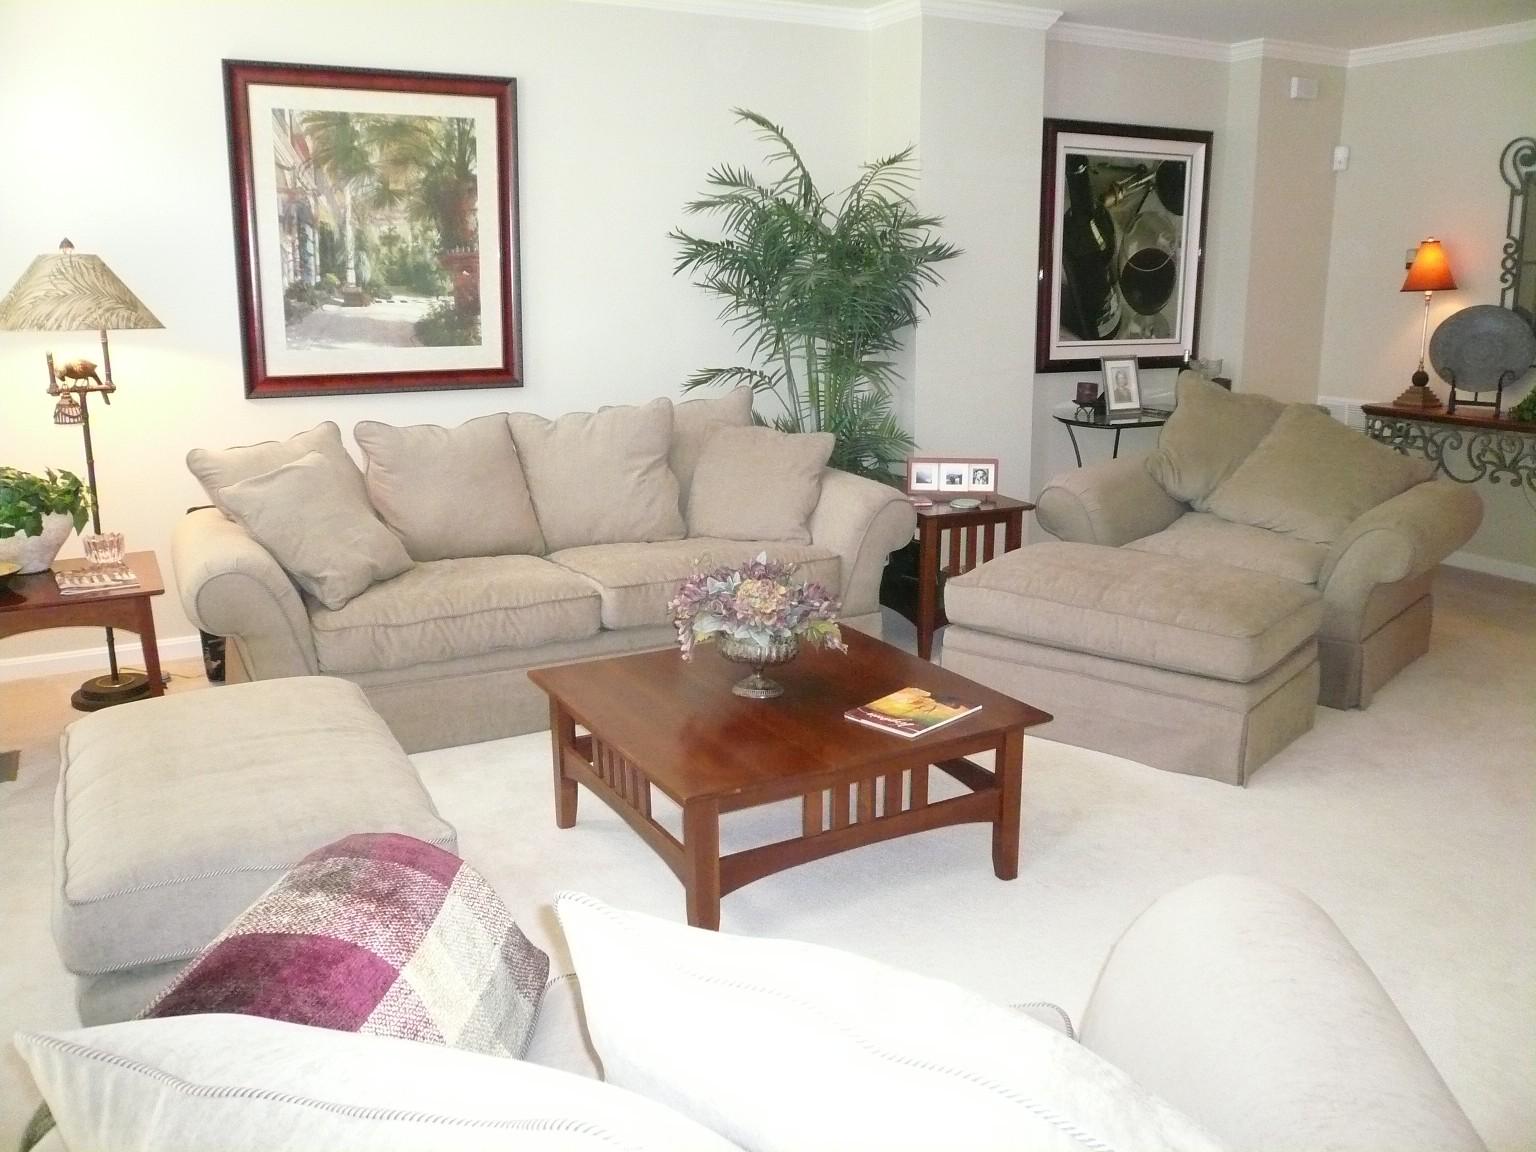 white-sofaset-living-room-decor white sofaset living room decor